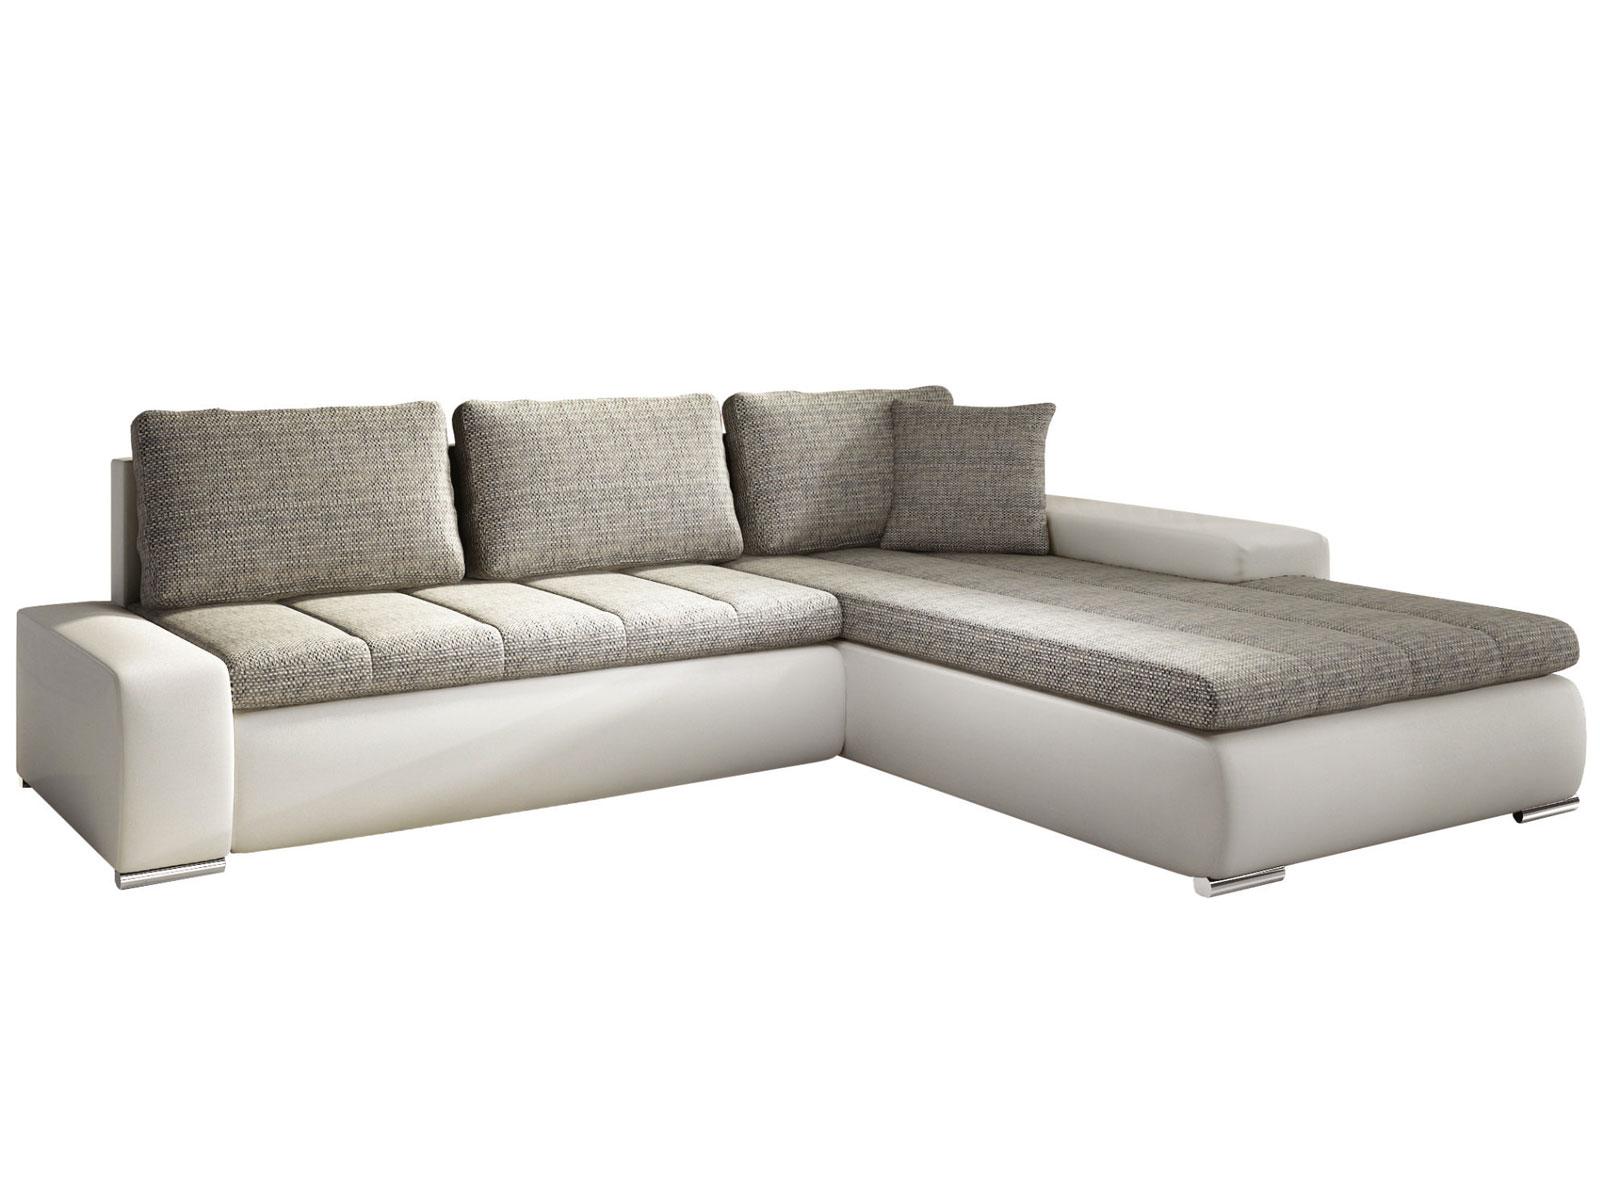 Rohová sedací souprava - Famm - Tivano béžová + koženka bílá (P)